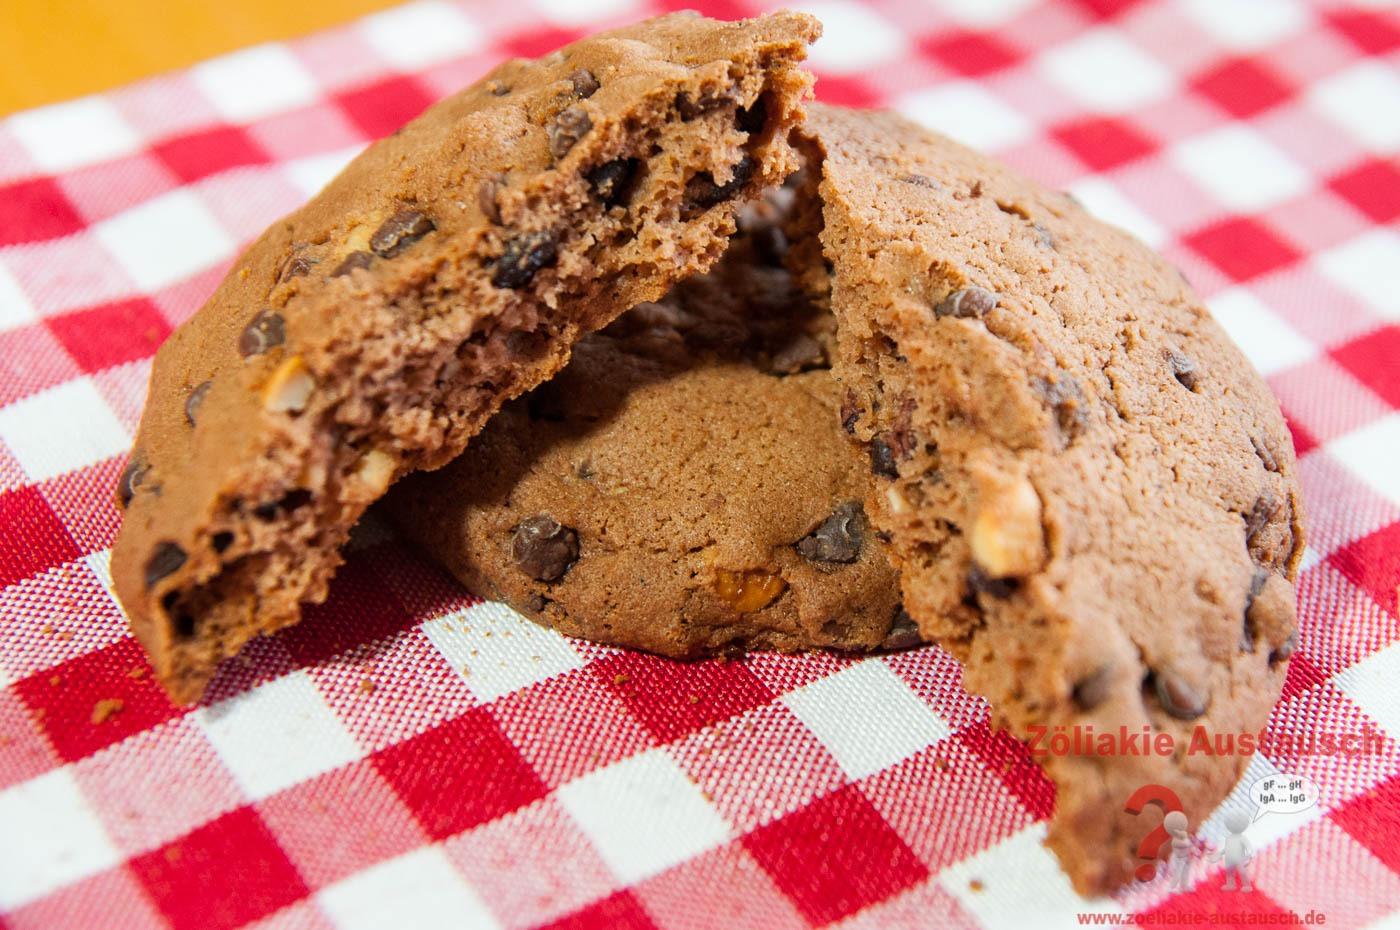 Zoeliakie_Austausch_Sommer_Cookies-016